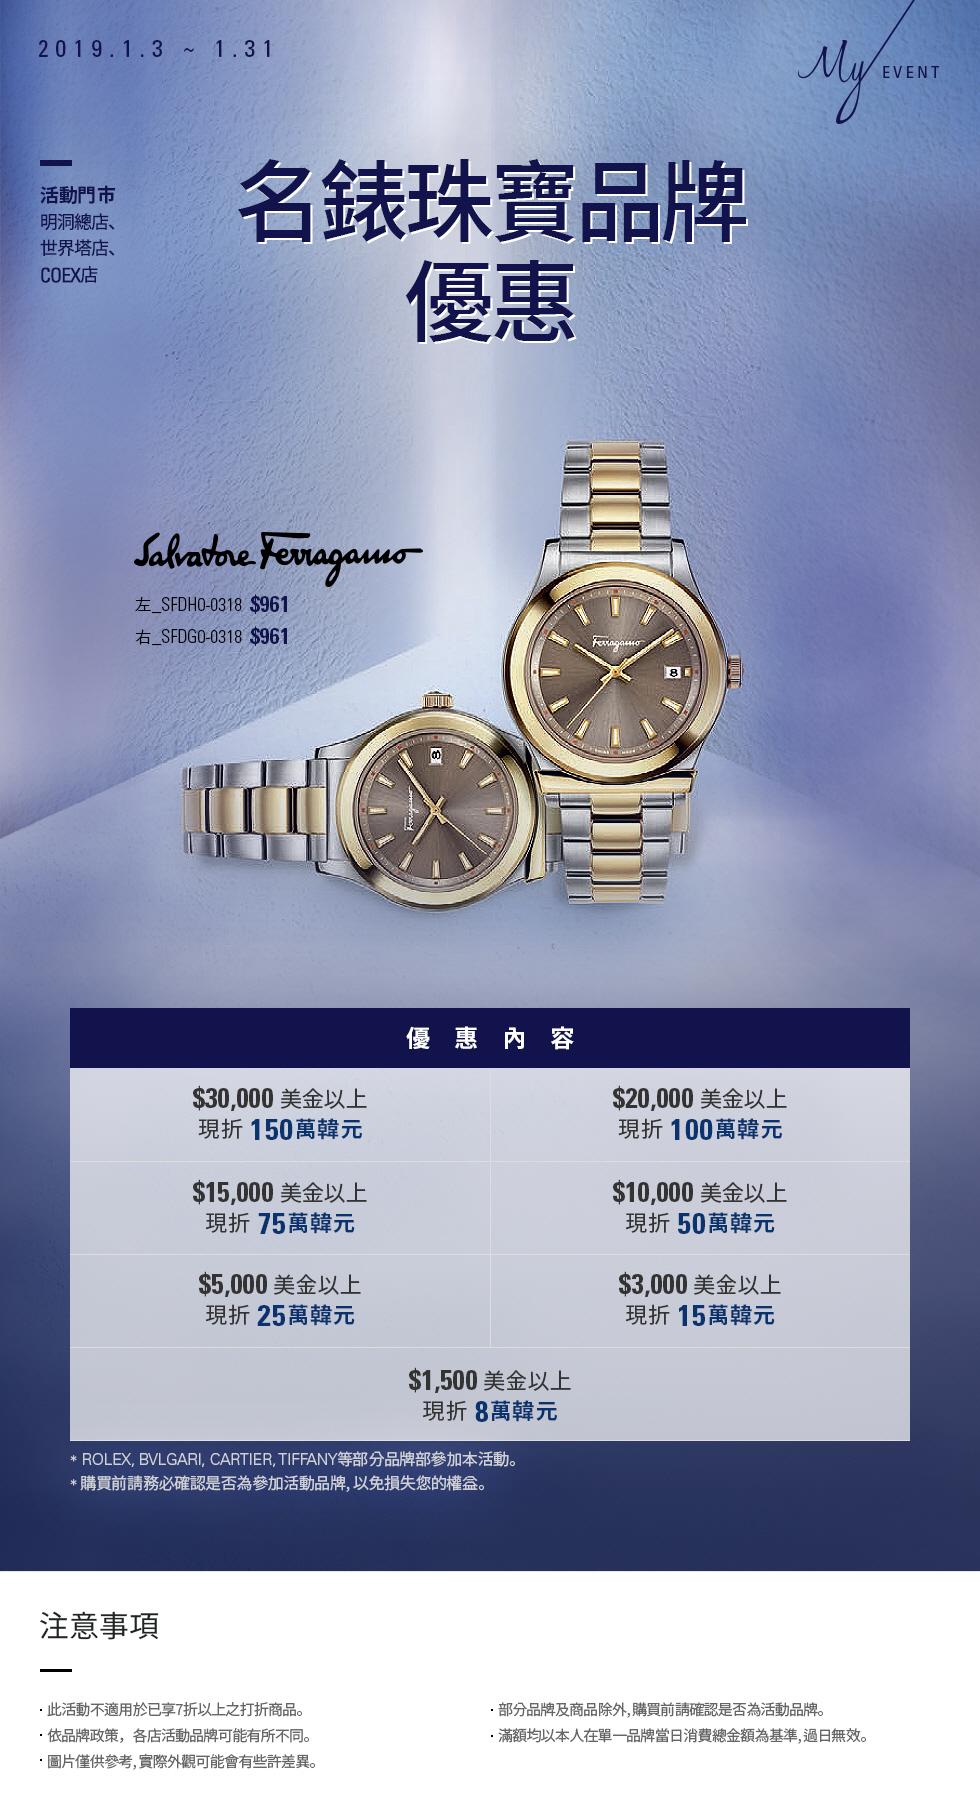 名錶珠寶品牌優惠